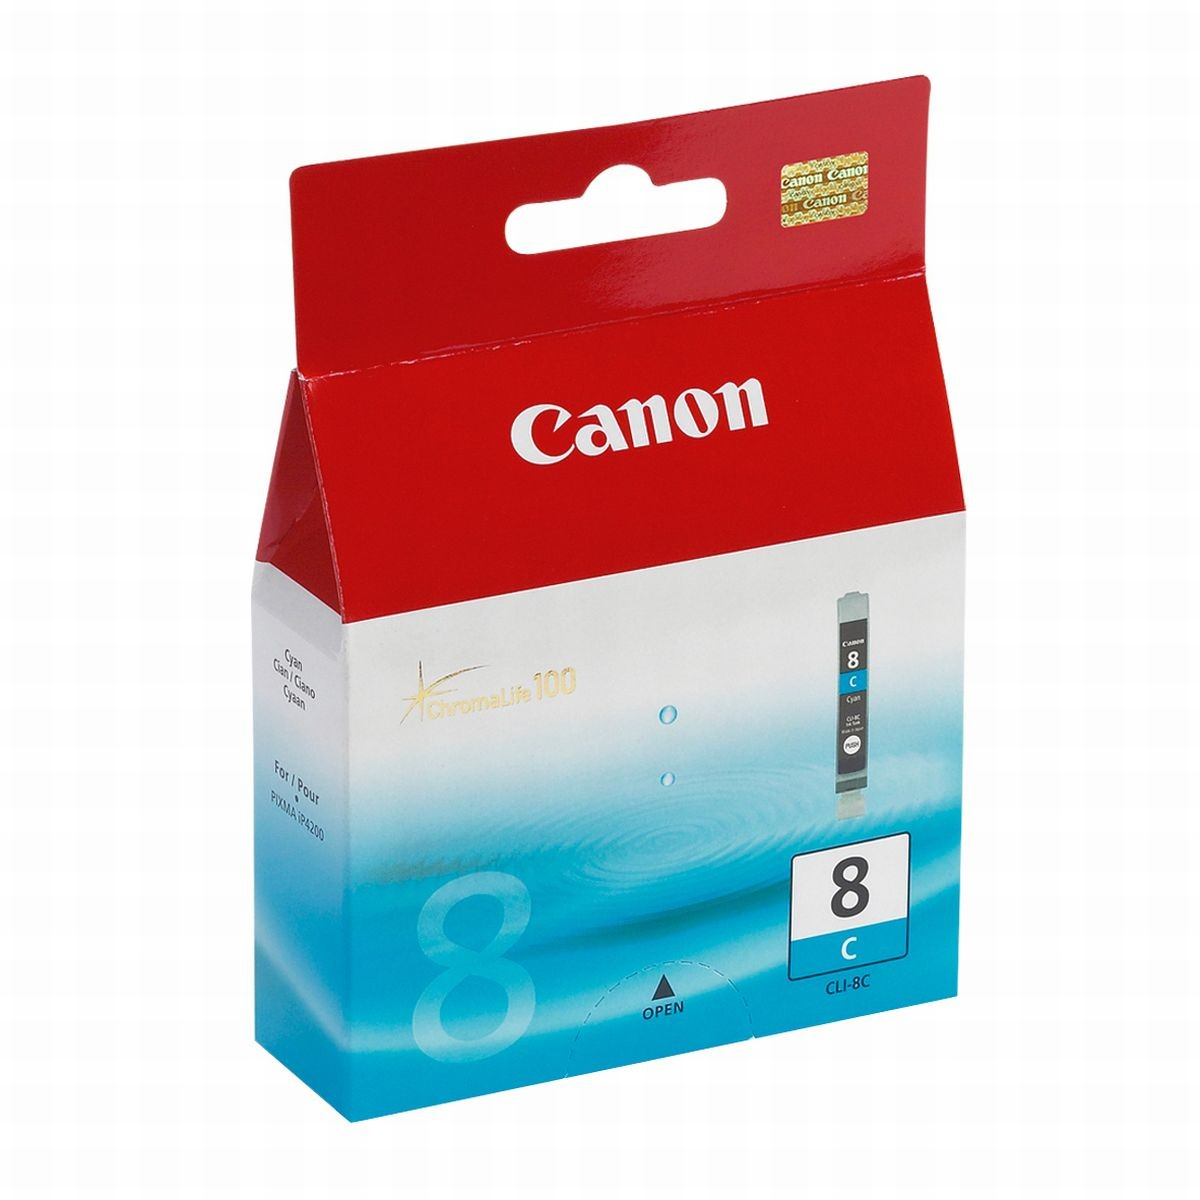 Cartucho Canon Original CLI-8C Cyan   Canon PIXMA IP6600D   9000   SEM CAIXA